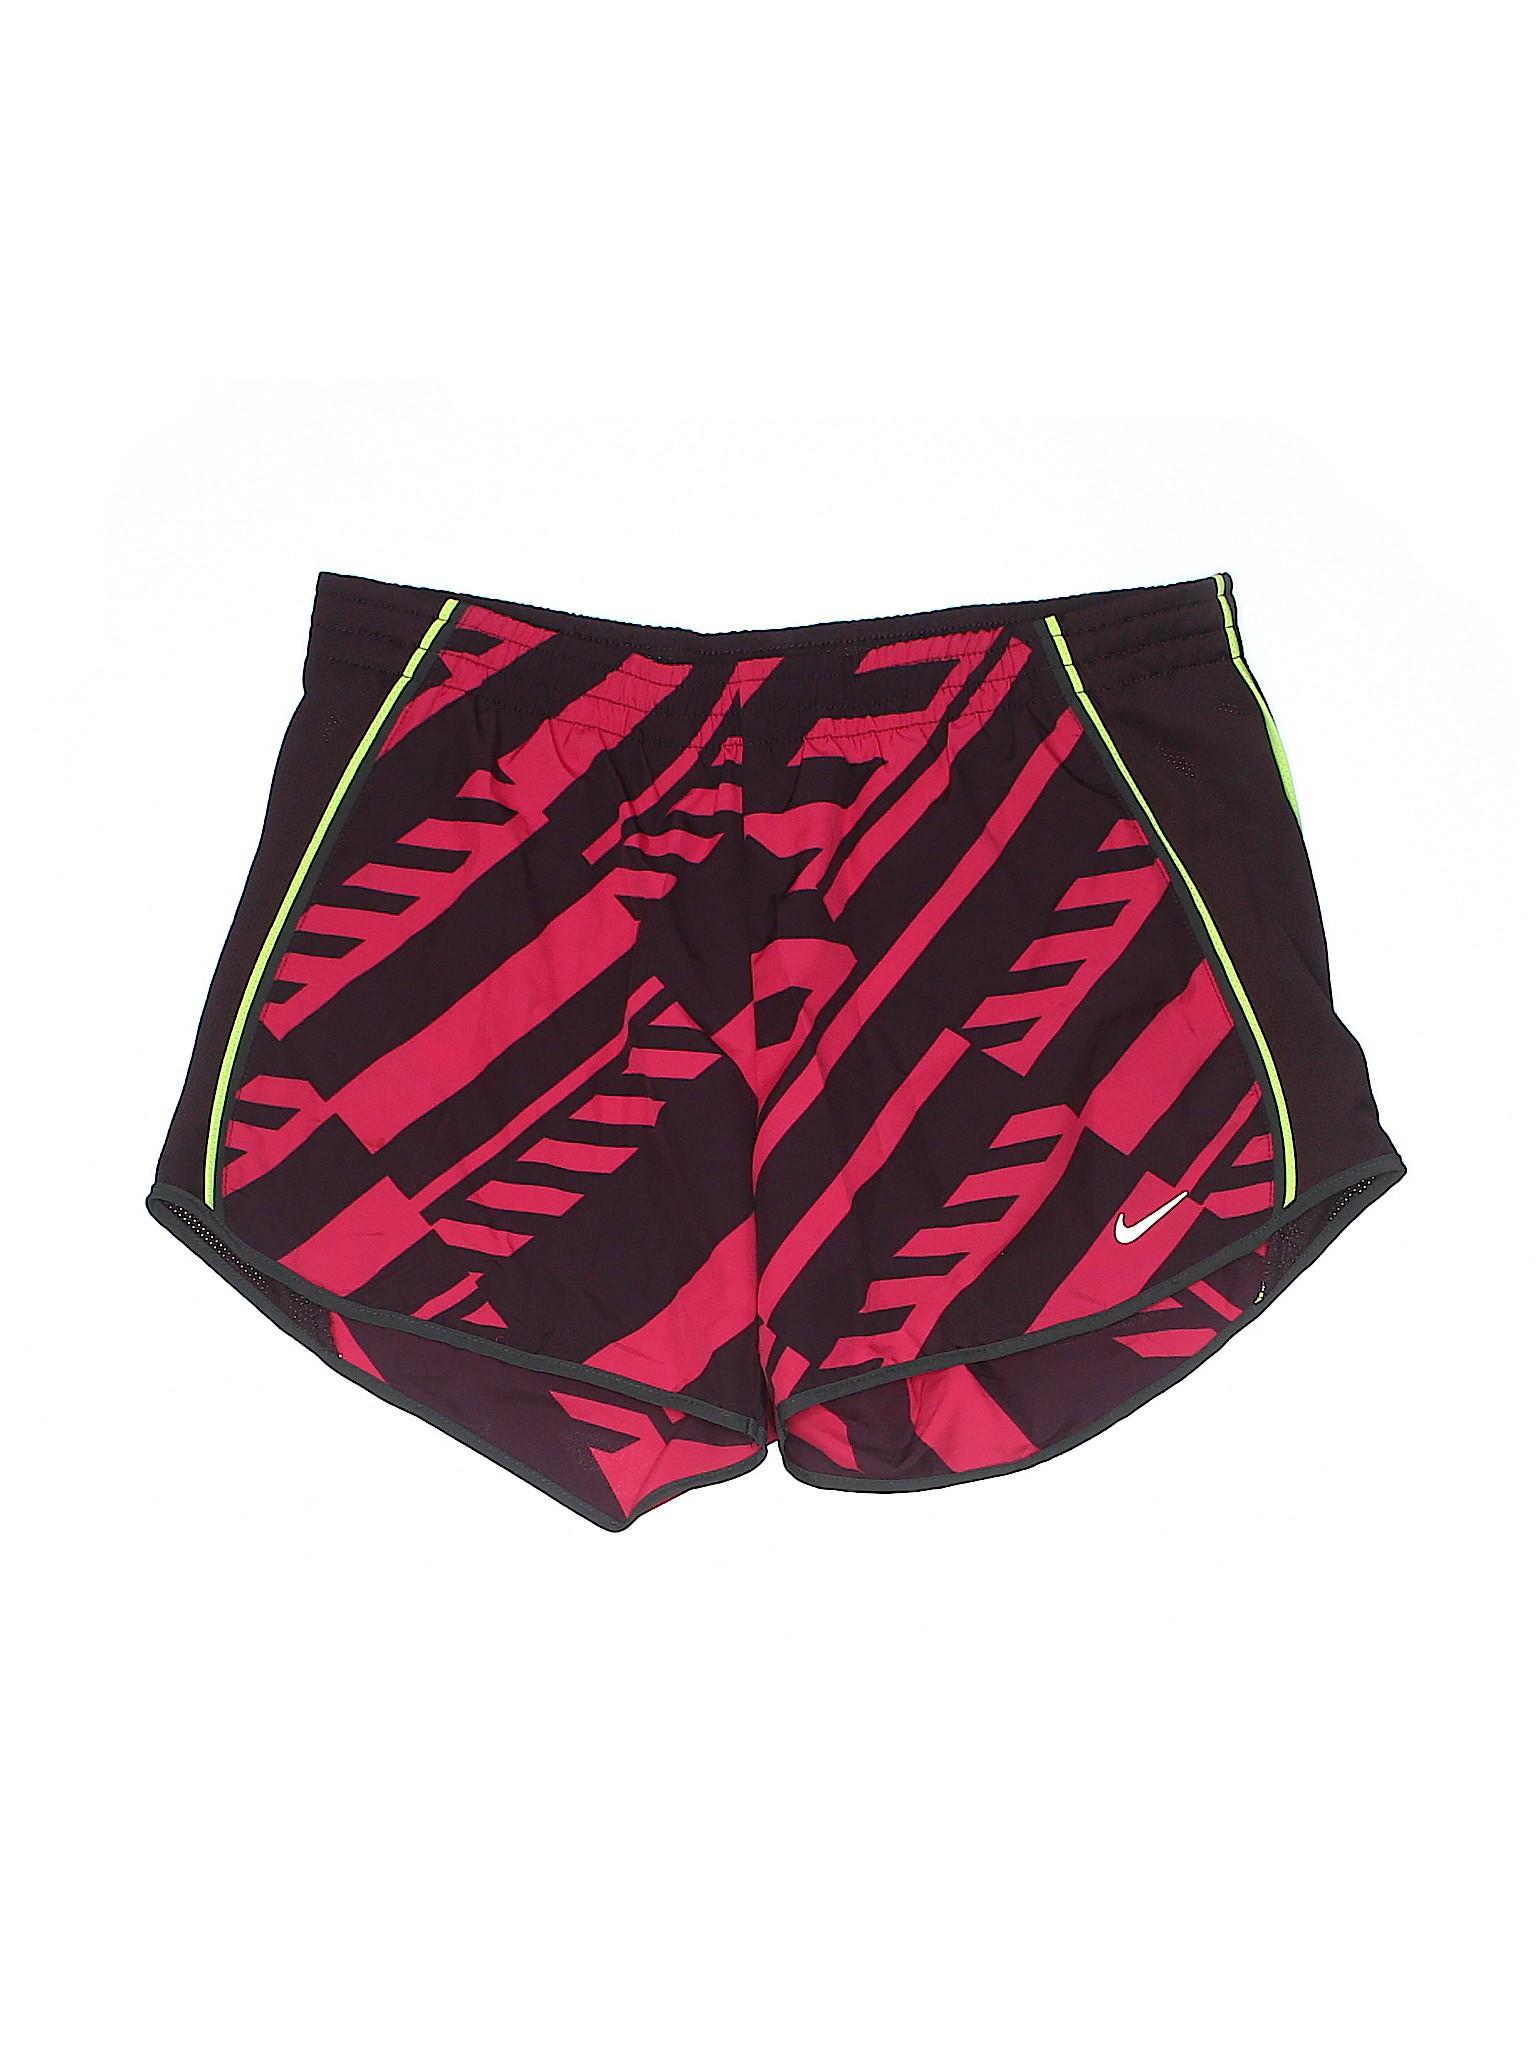 Boutique Athletic Shorts Shorts Nike Athletic Nike Boutique Boutique Nike Shorts Boutique Athletic Nike Y1EqwA